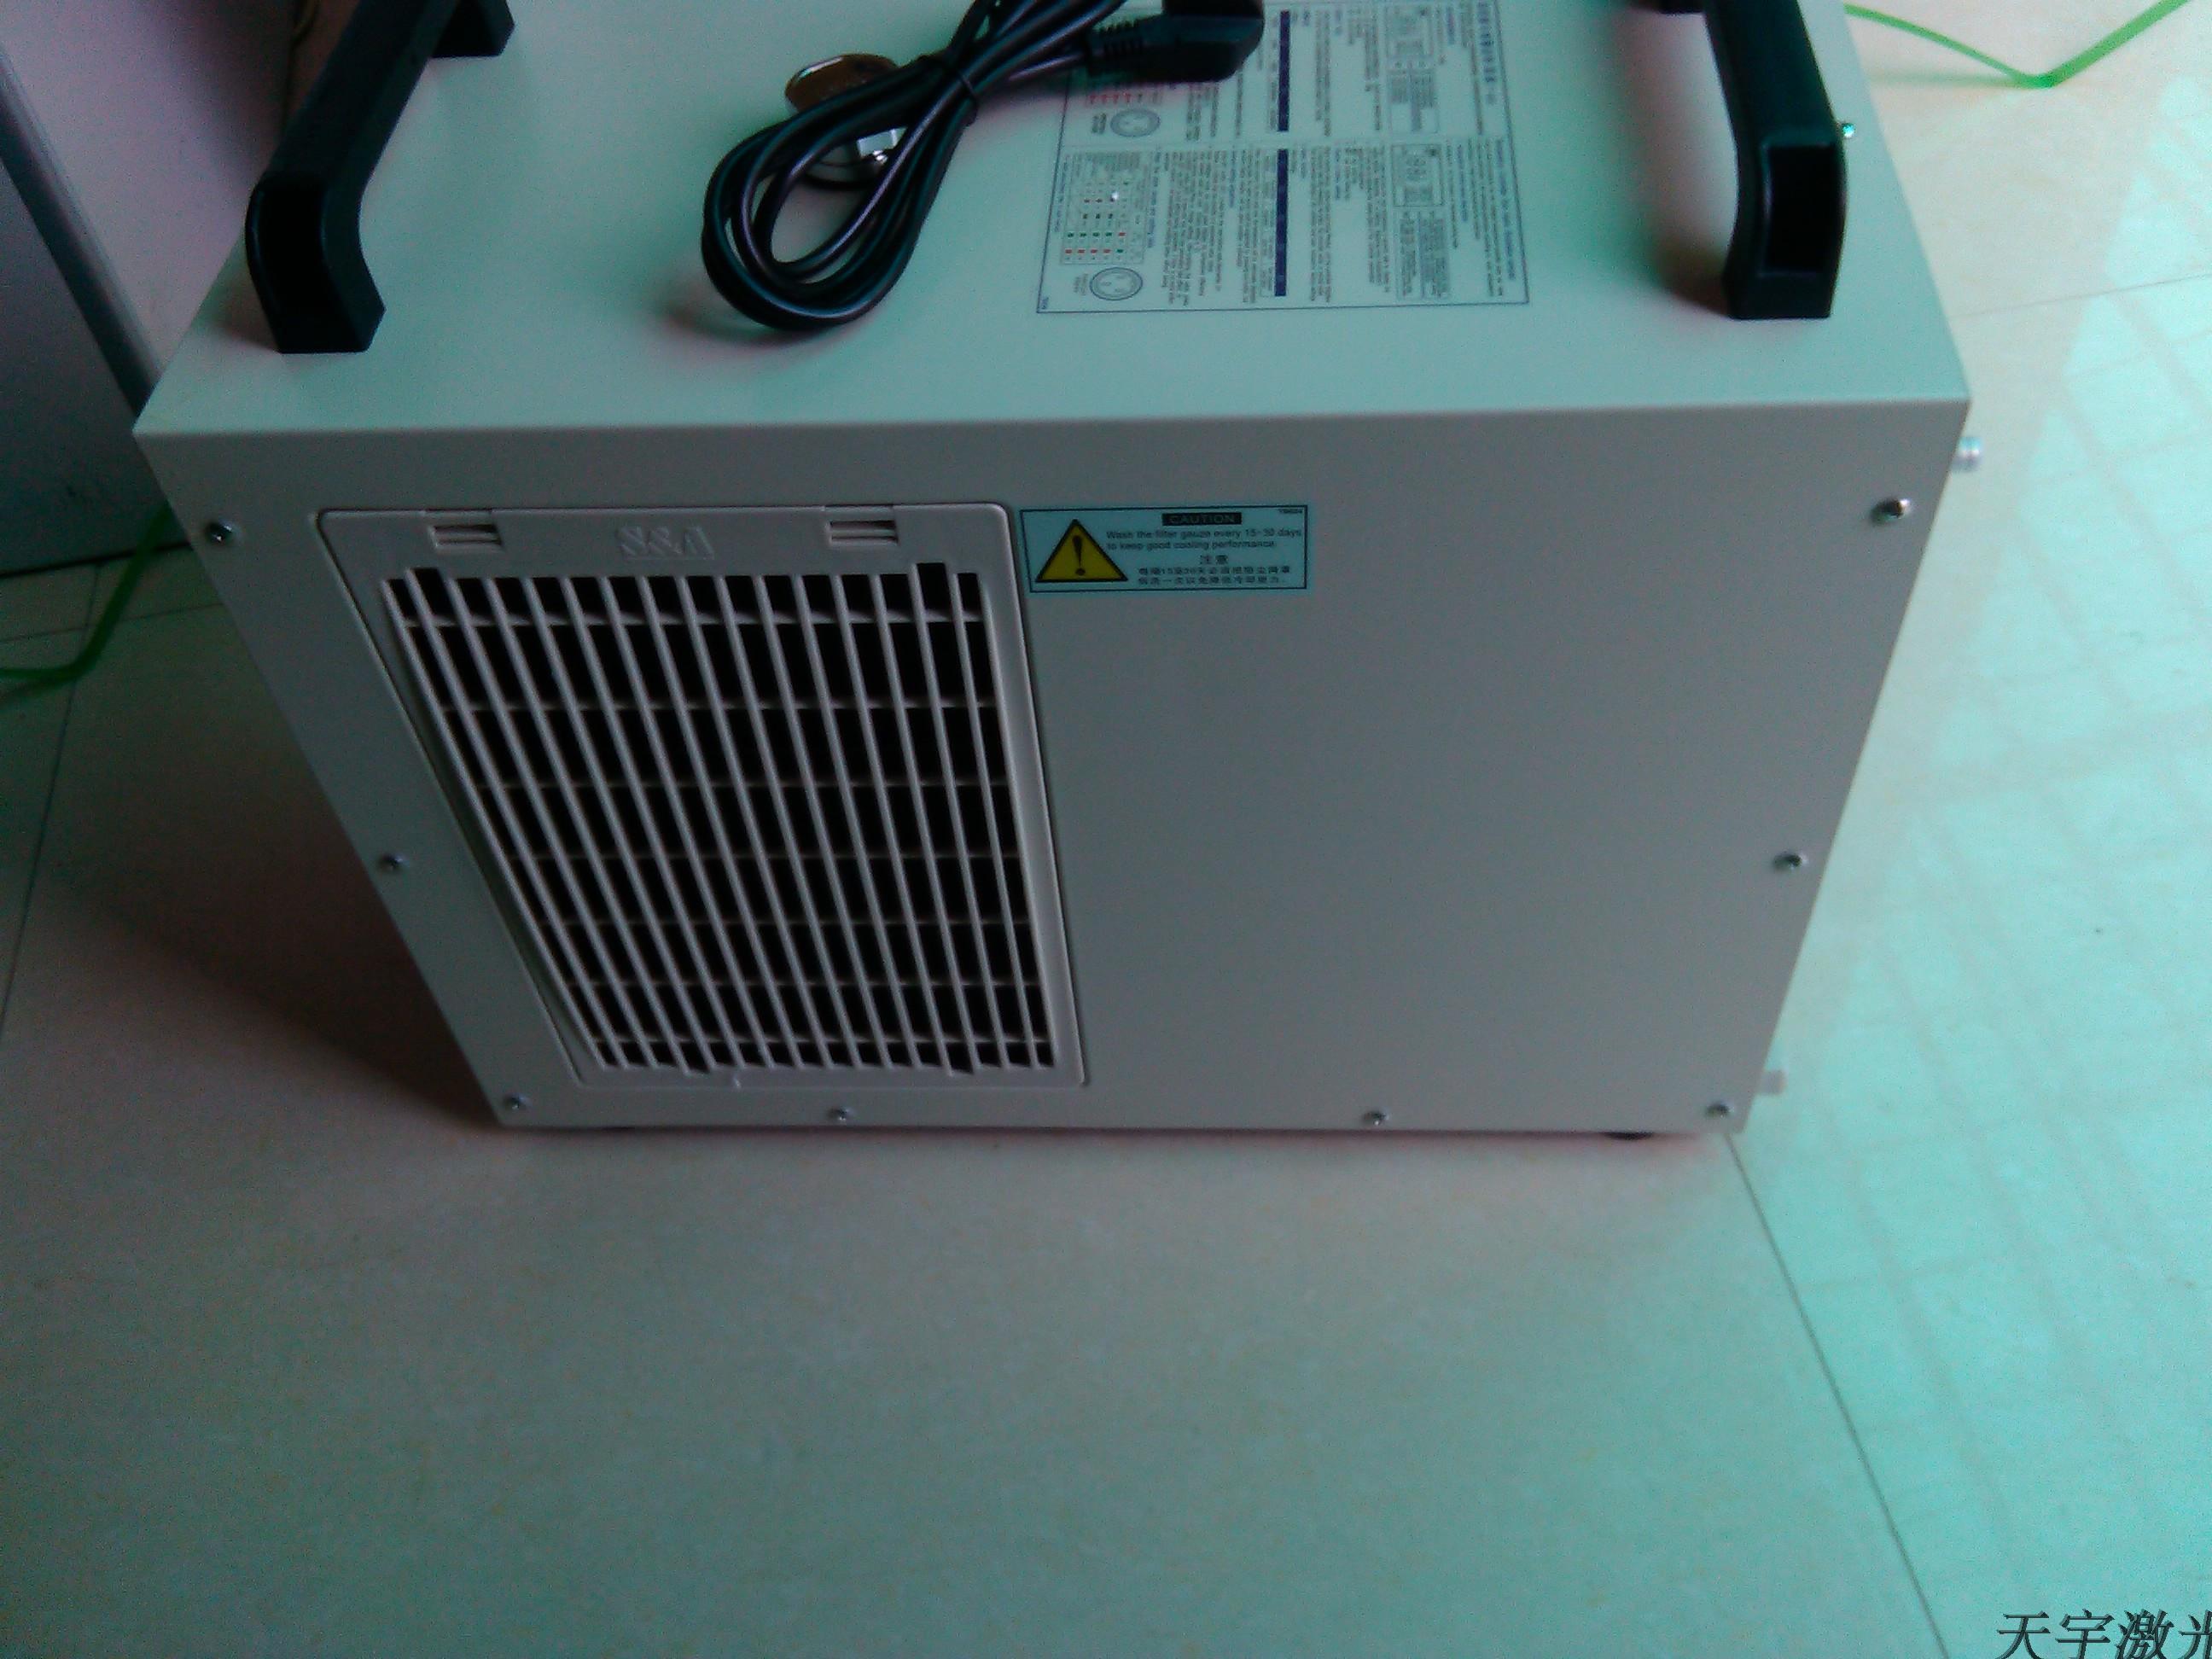 UV квартира печать машинально печать машинально специальный холодная вода машинально водяной бак CW5200 охлаждение водяной бак печать хорошо промышленность